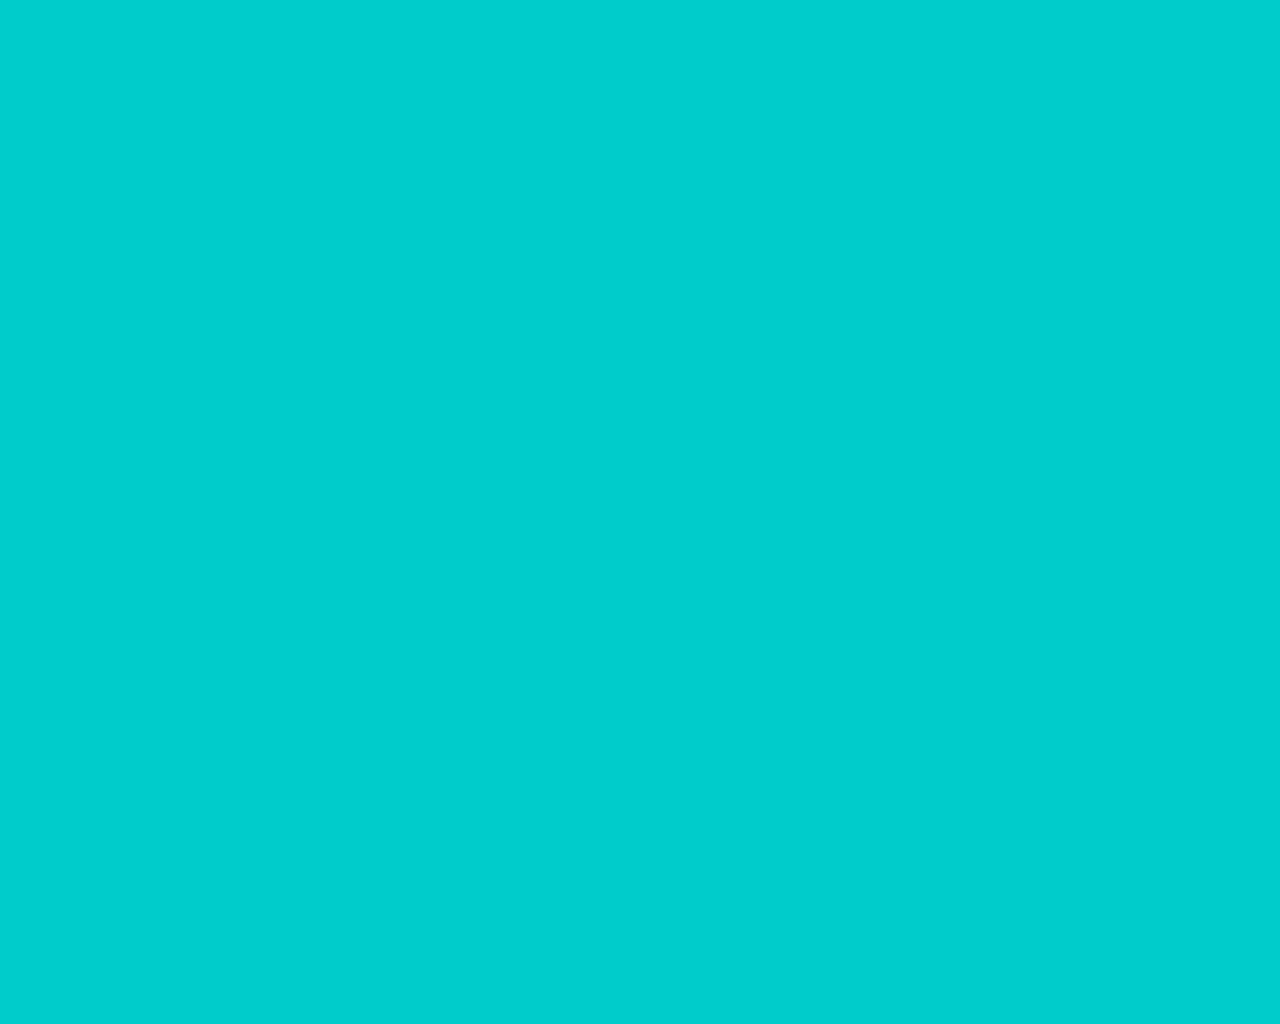 1280x1024 Robin Egg Blue Solid Color Background